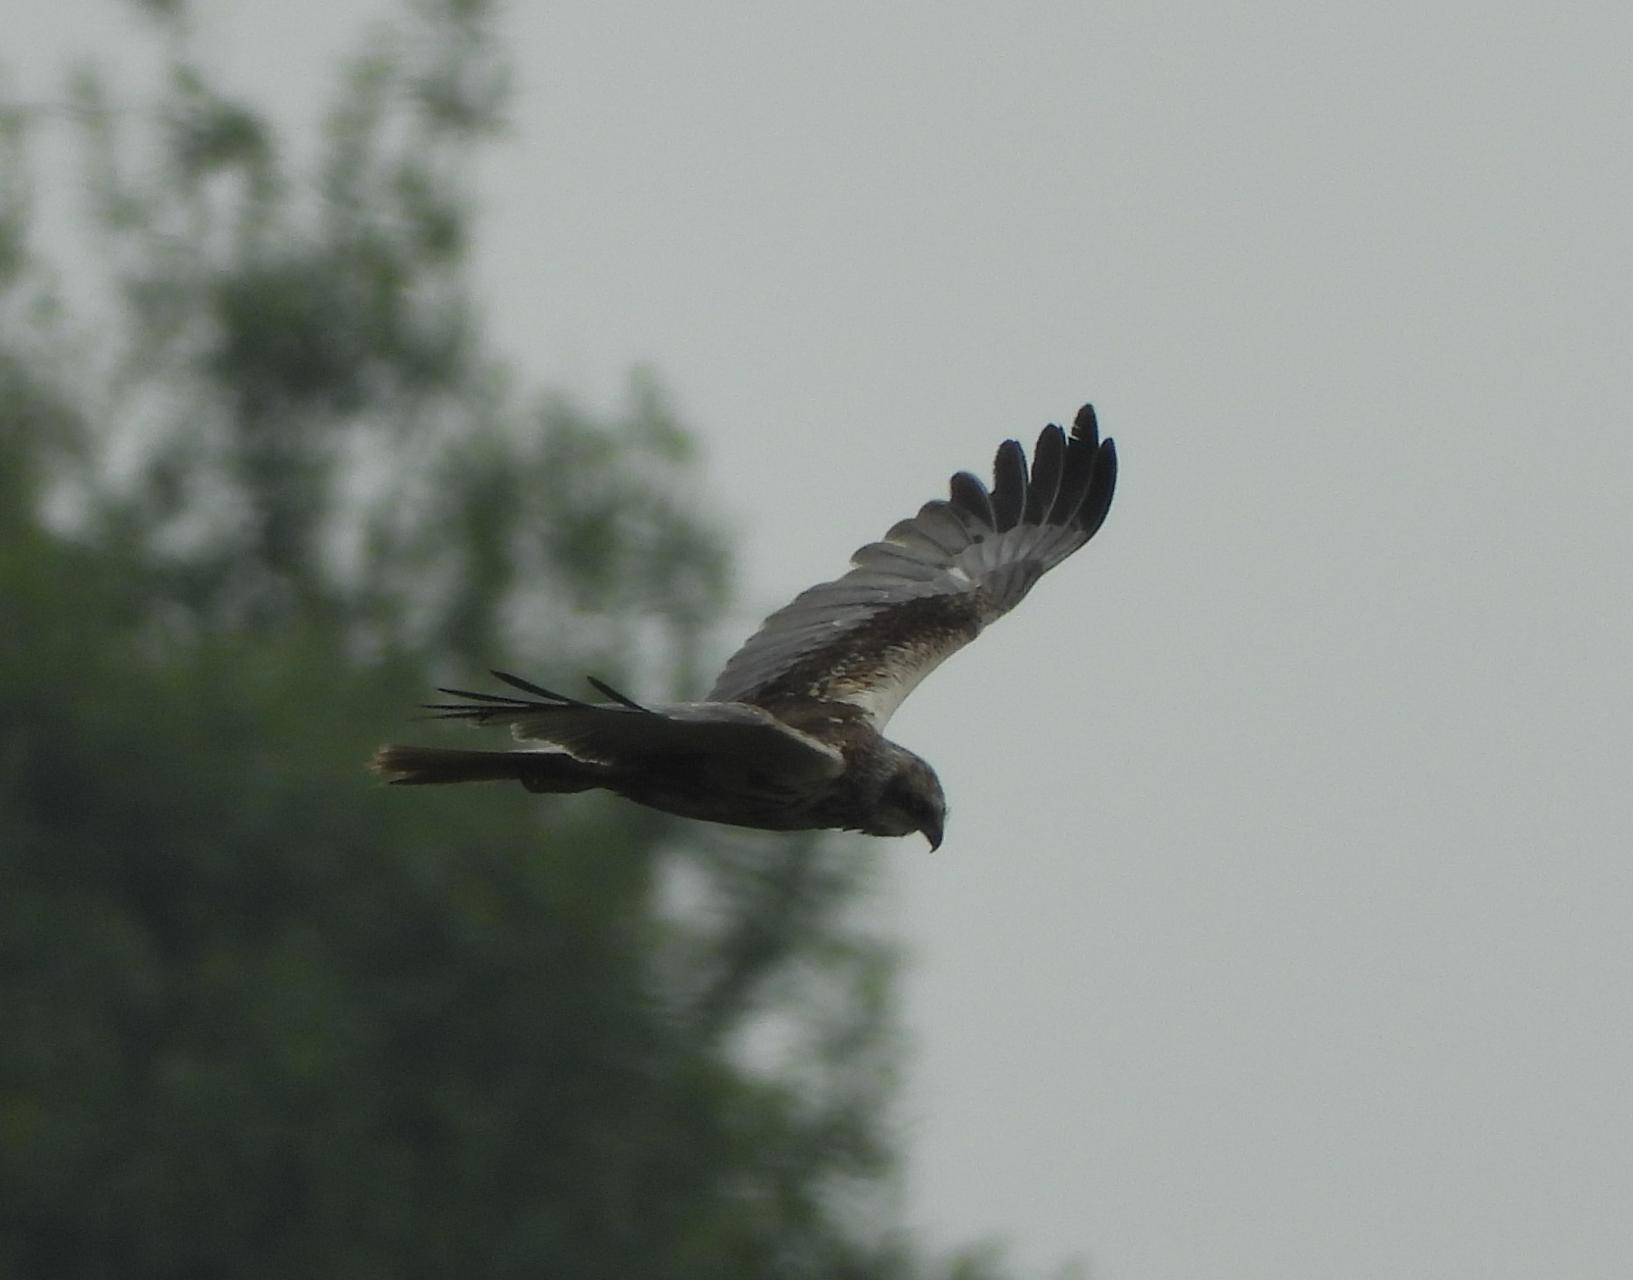 Male in flight